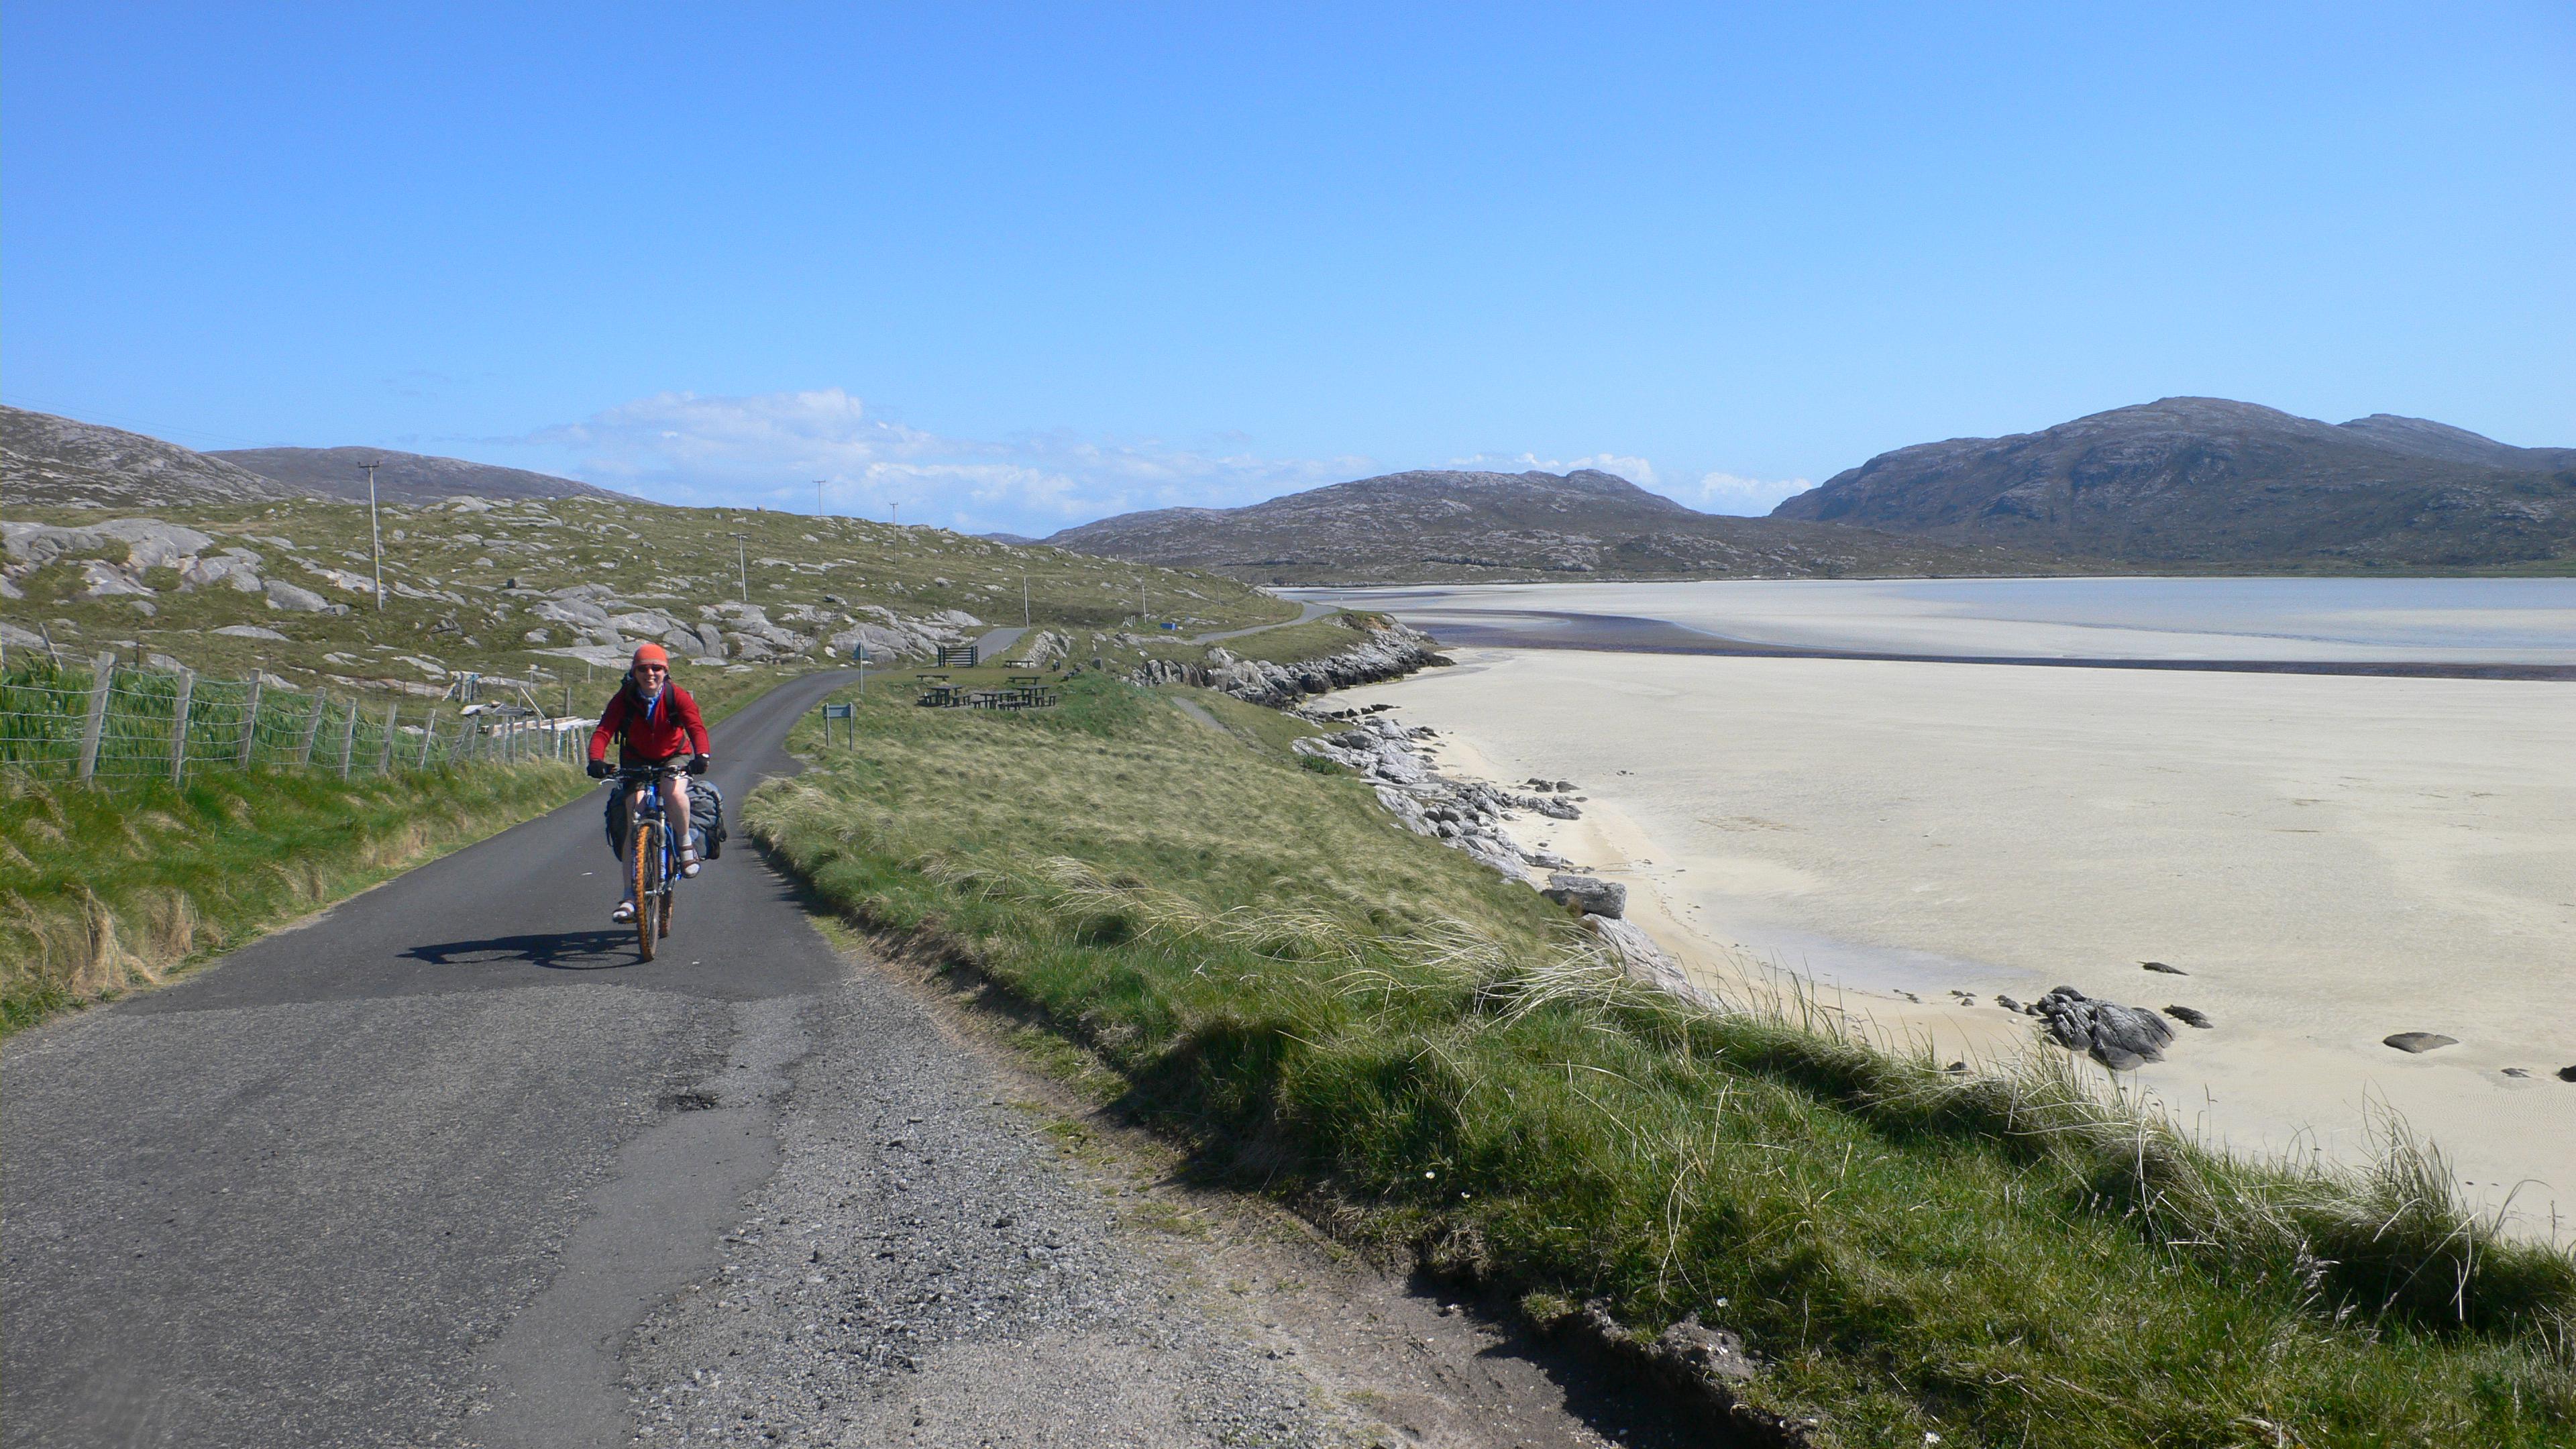 The road to Luskentyre, Harris